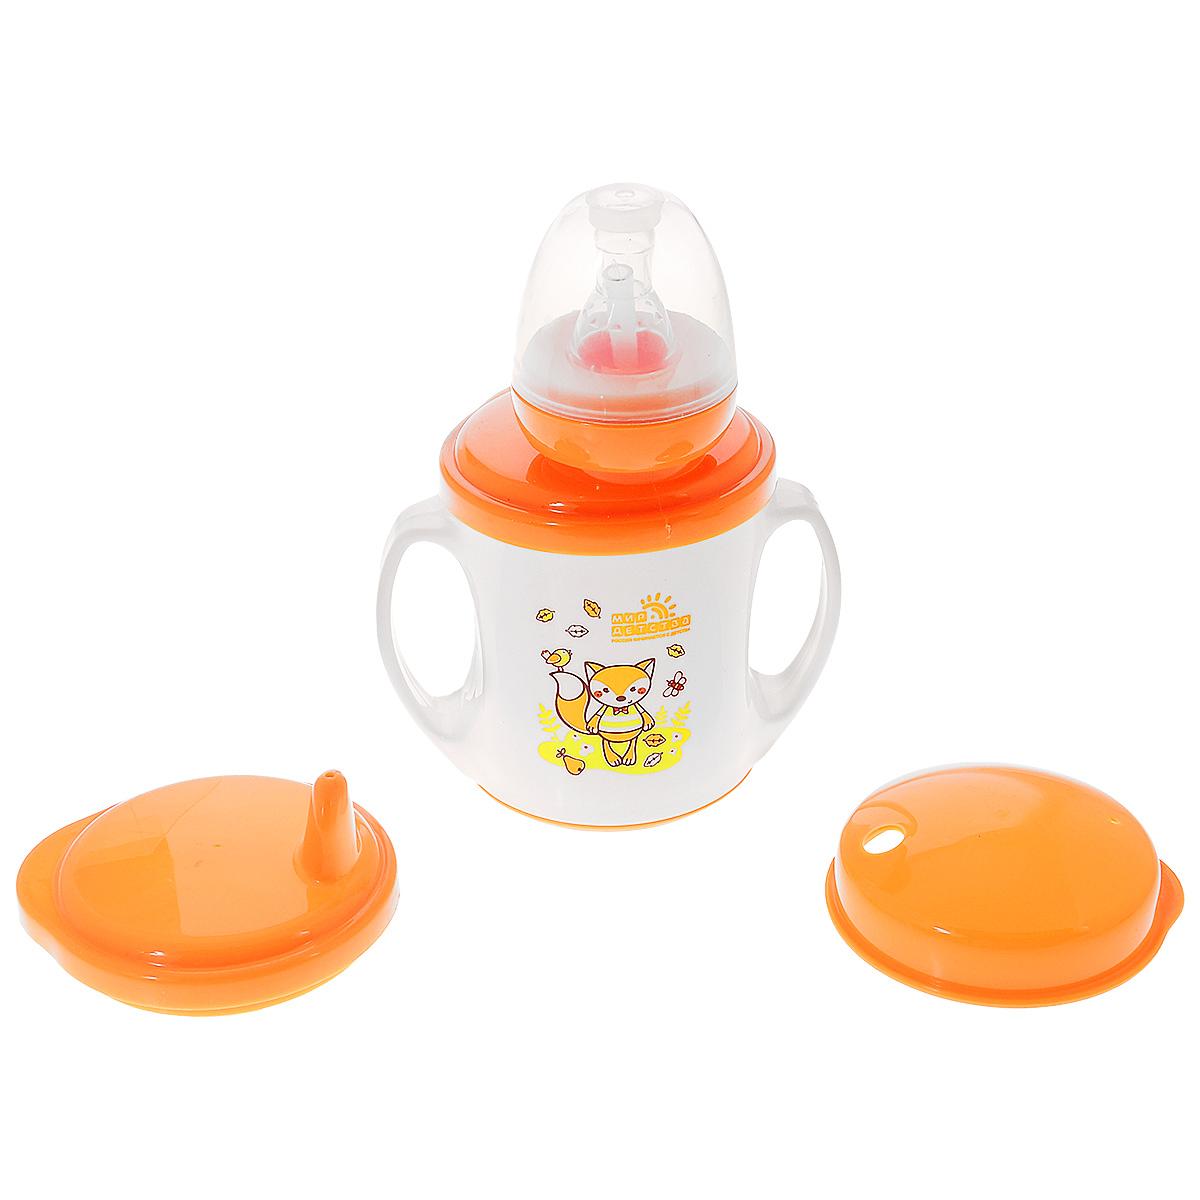 Поильник-трансформер Мир детства, с ручками, от 6 месяцев, цвет: оранжевый, 200 мл